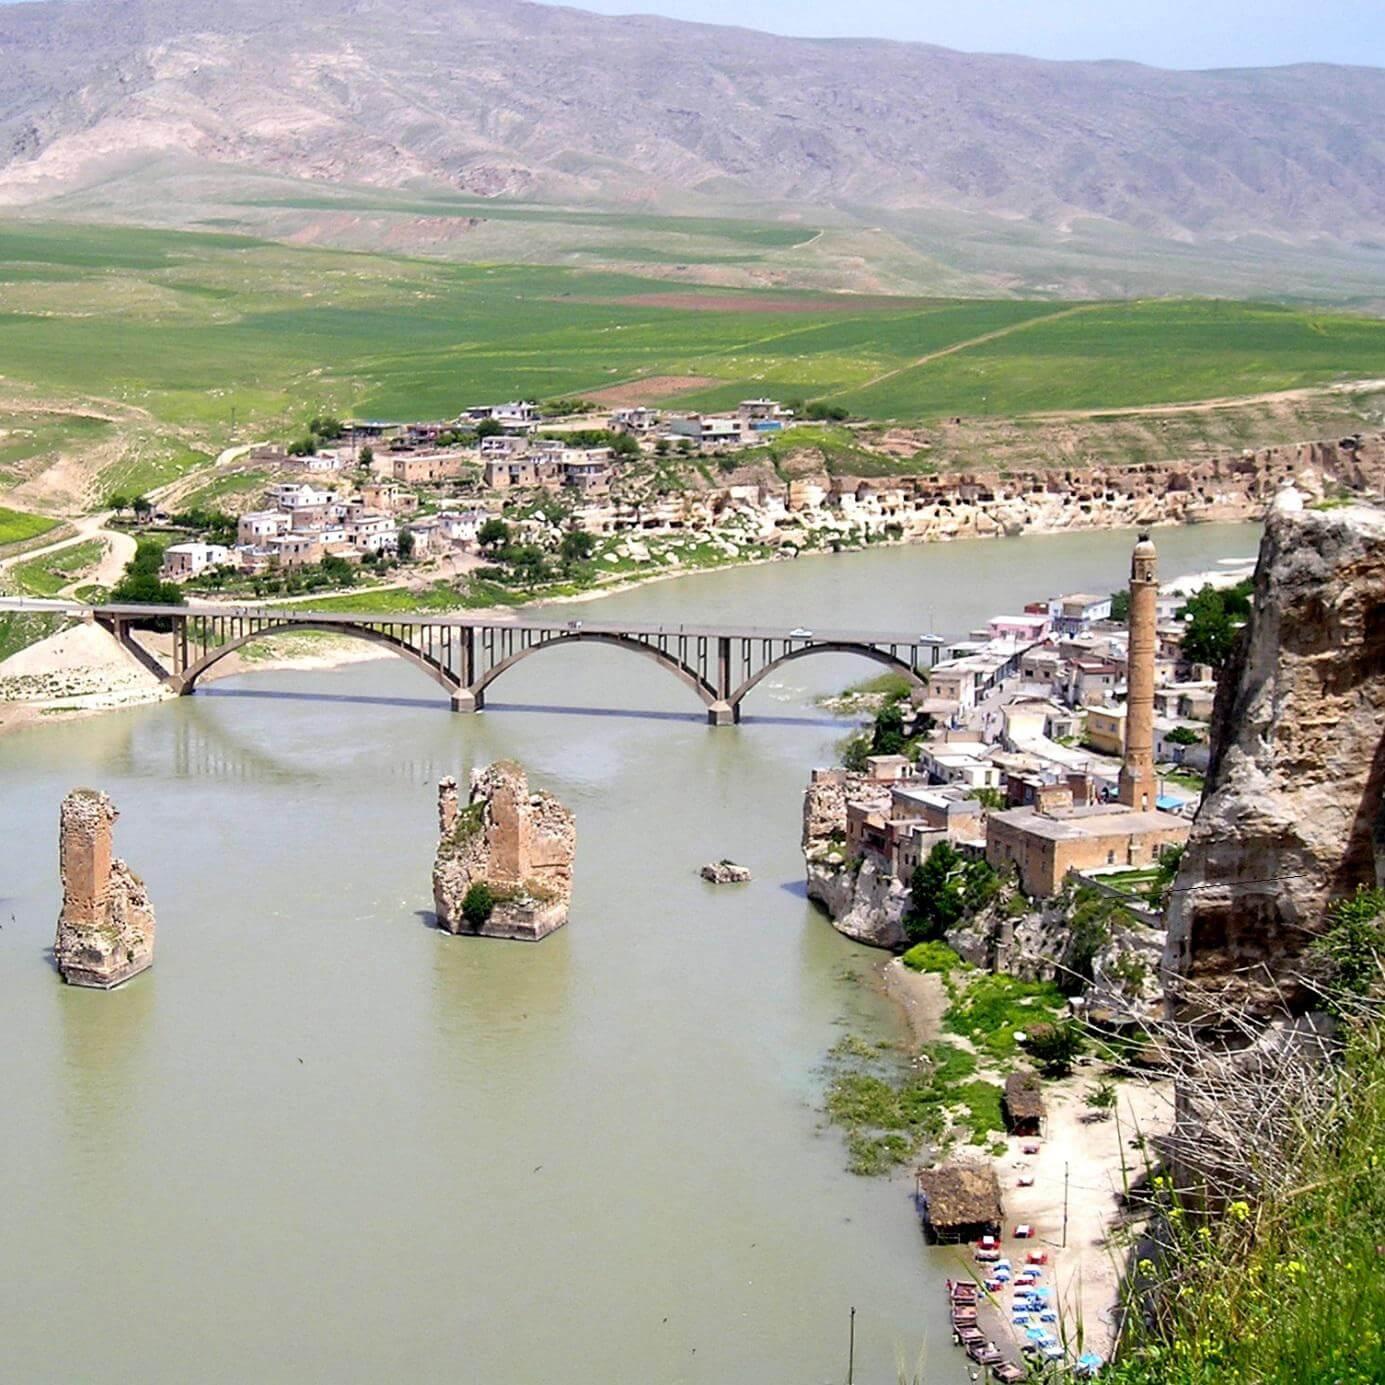 Město Hasankeyf, které bude částečně zaplaveno novou vodní elektrárnou Ilisu (zdroj Wikipedie)